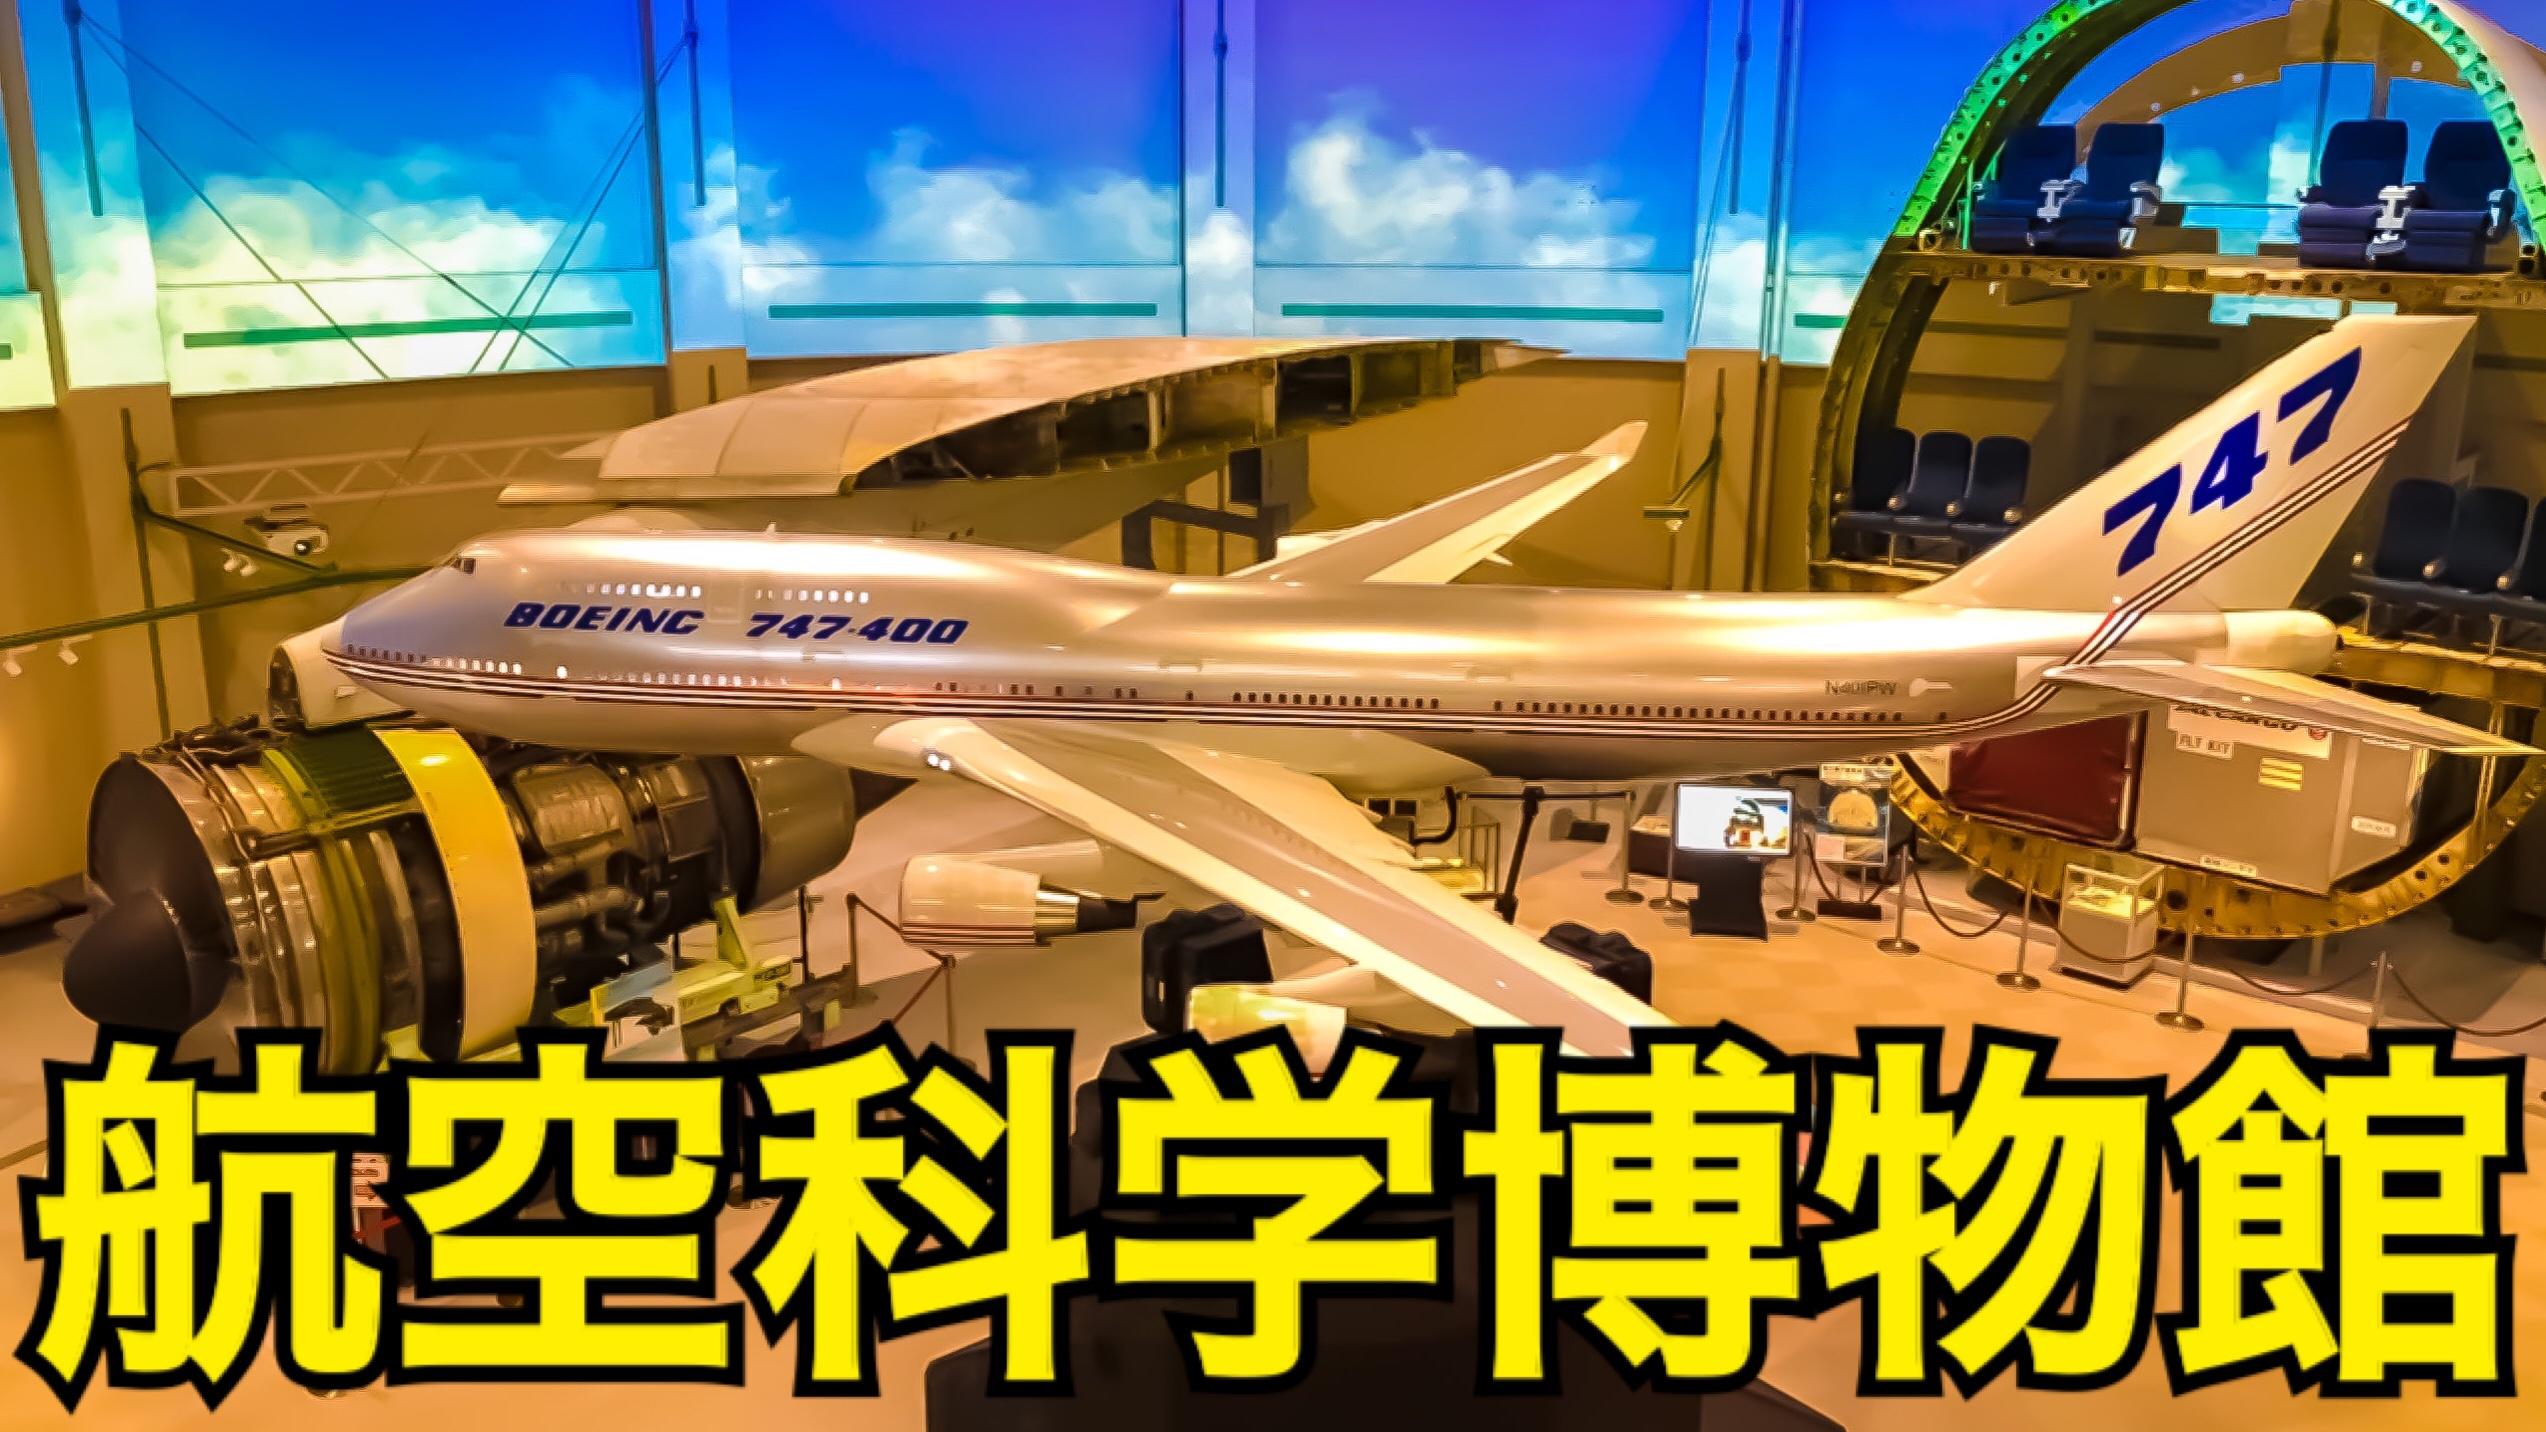 飛行機のことなら!成田の航空科学博物館に行ってきた!【成田航空科学ツアー】